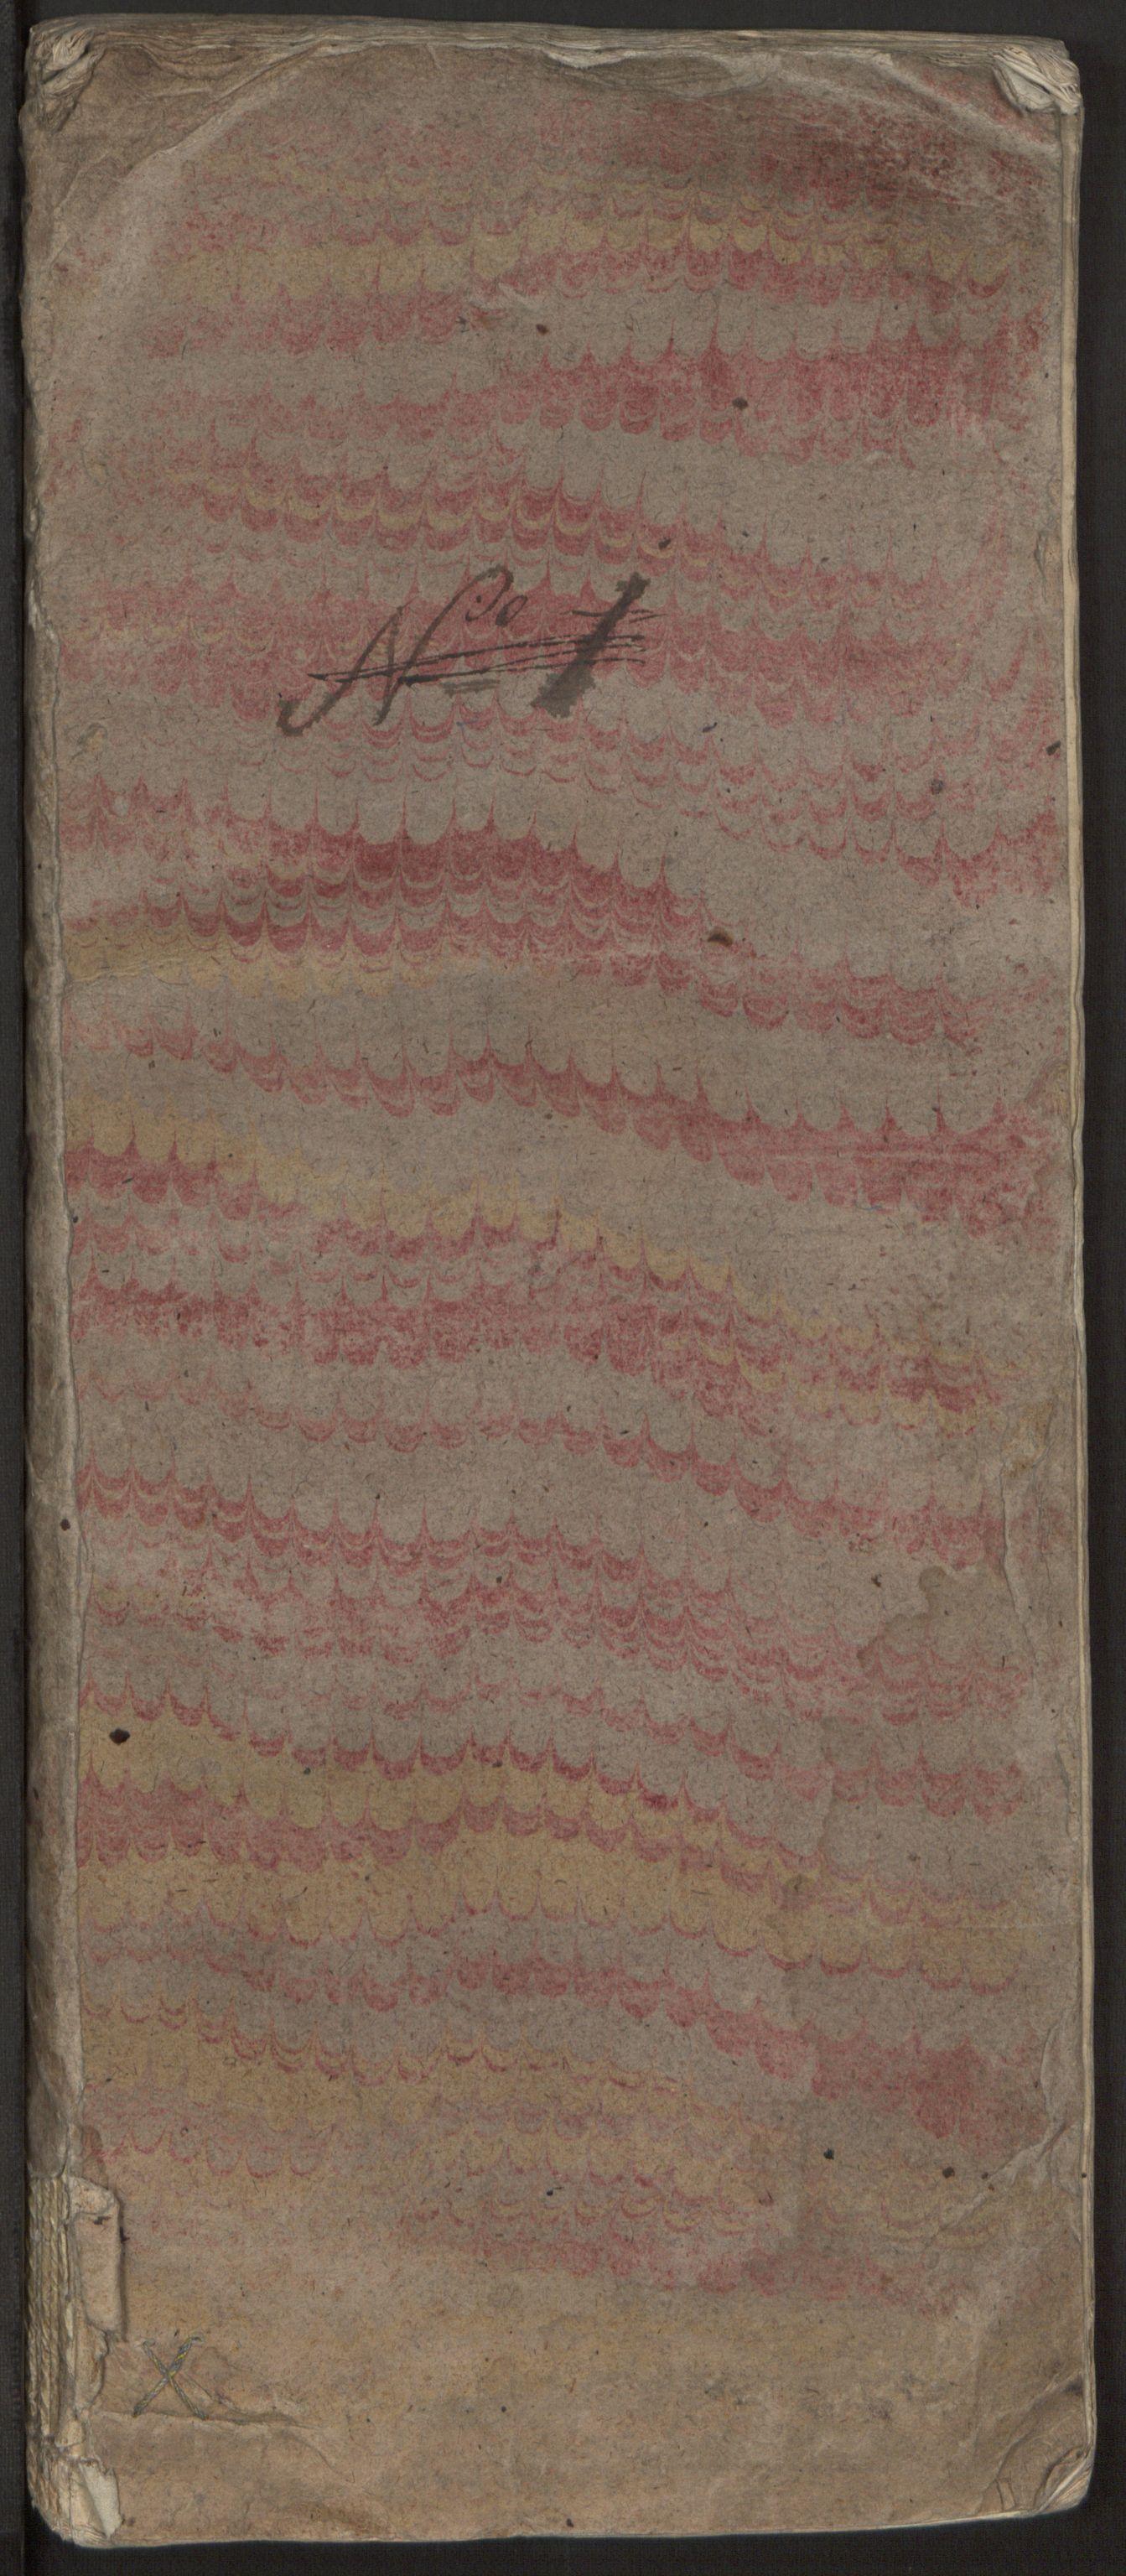 RA, Rentekammeret inntil 1814, Reviderte regnskaper, Fogderegnskap, R51/L3304: Ekstraskatten Nordhordland og Voss, 1762-1772, s. 147